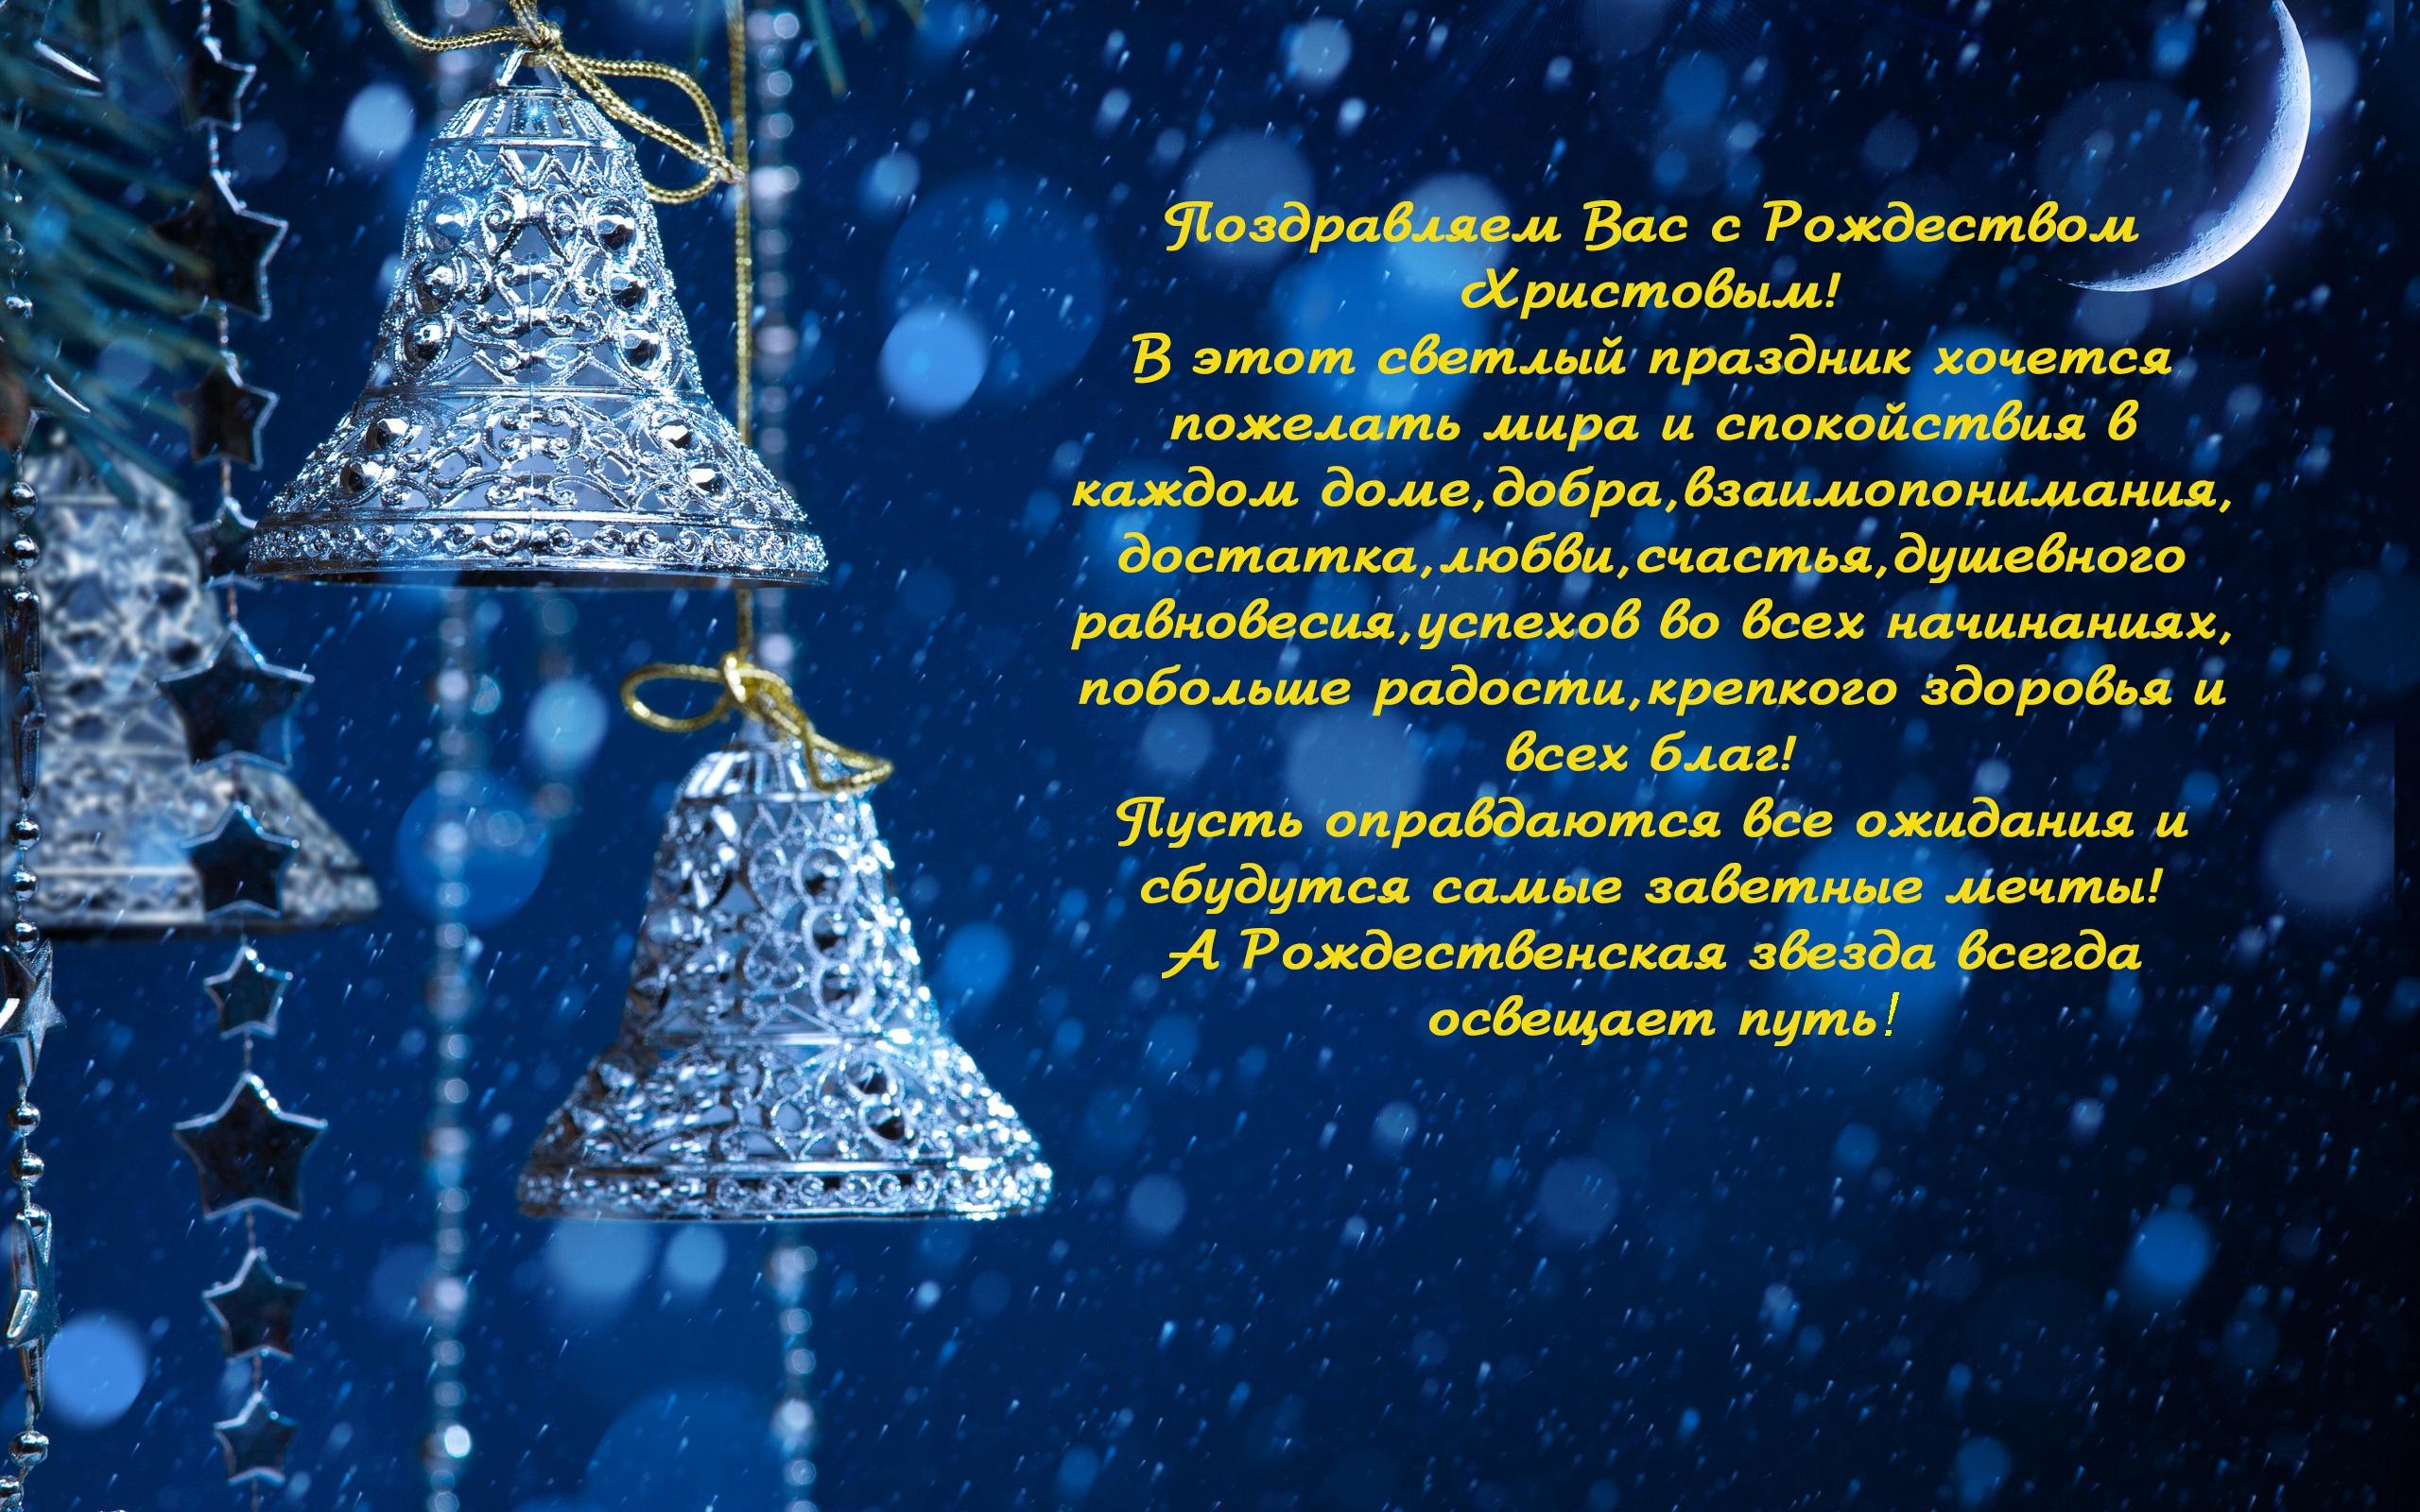 http://fkrmd58.ru/uploads/2016/12/zwalls.ru-47013.jpg